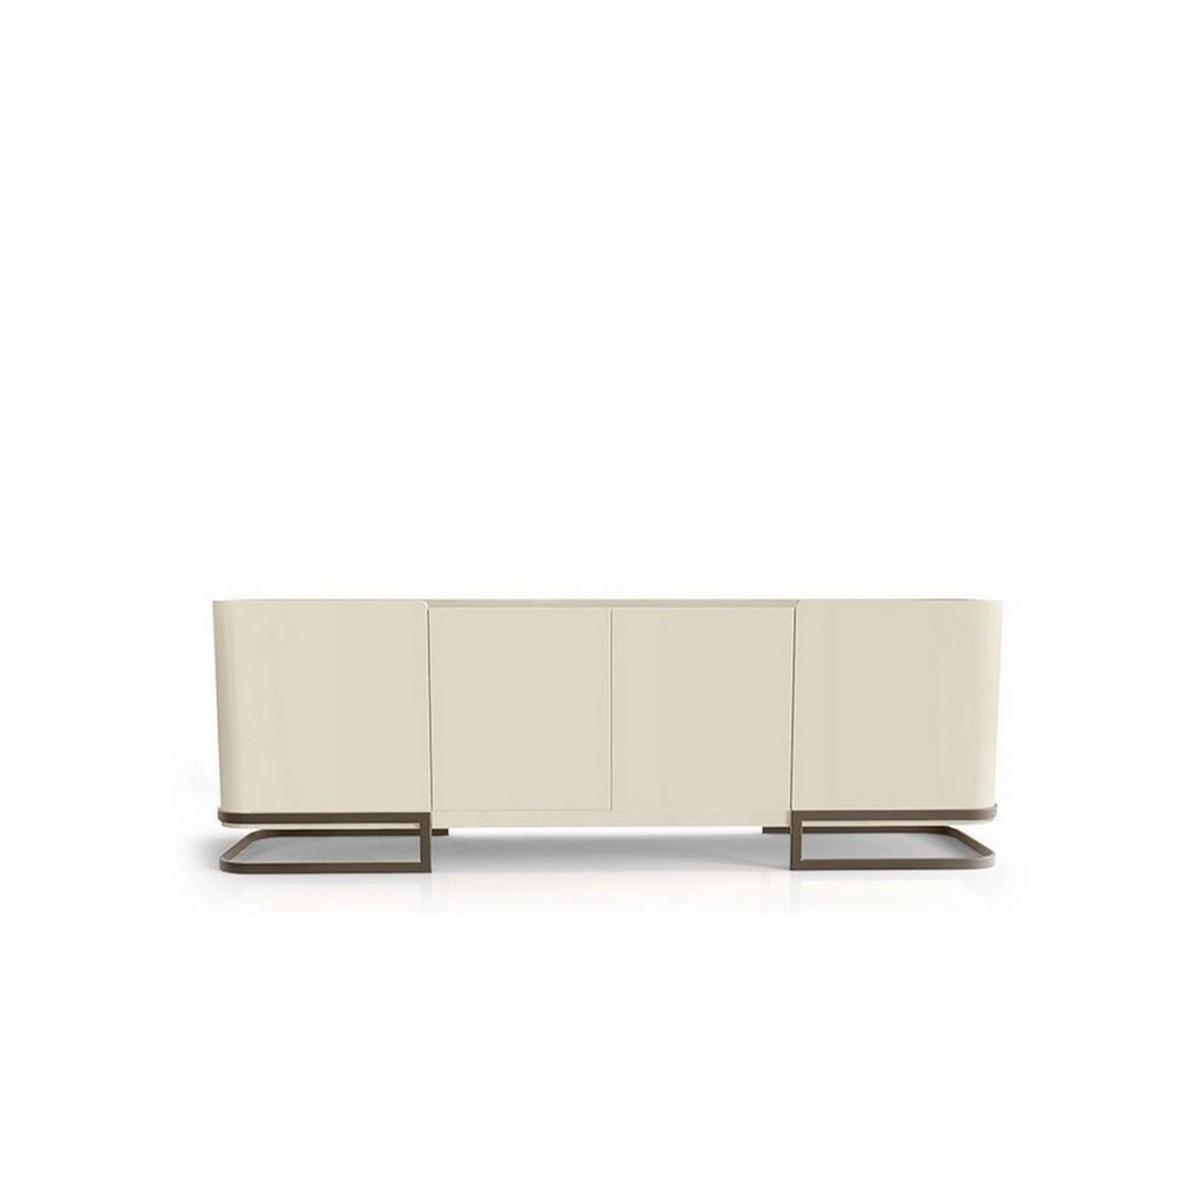 Diseño de Aparadores: Ideas para cualquier proyecto lujuoso y exclusivo diseño de aparadores Diseño de Aparadores: Ideas para cualquier proyecto lujuoso y exclusivo lattesideboard